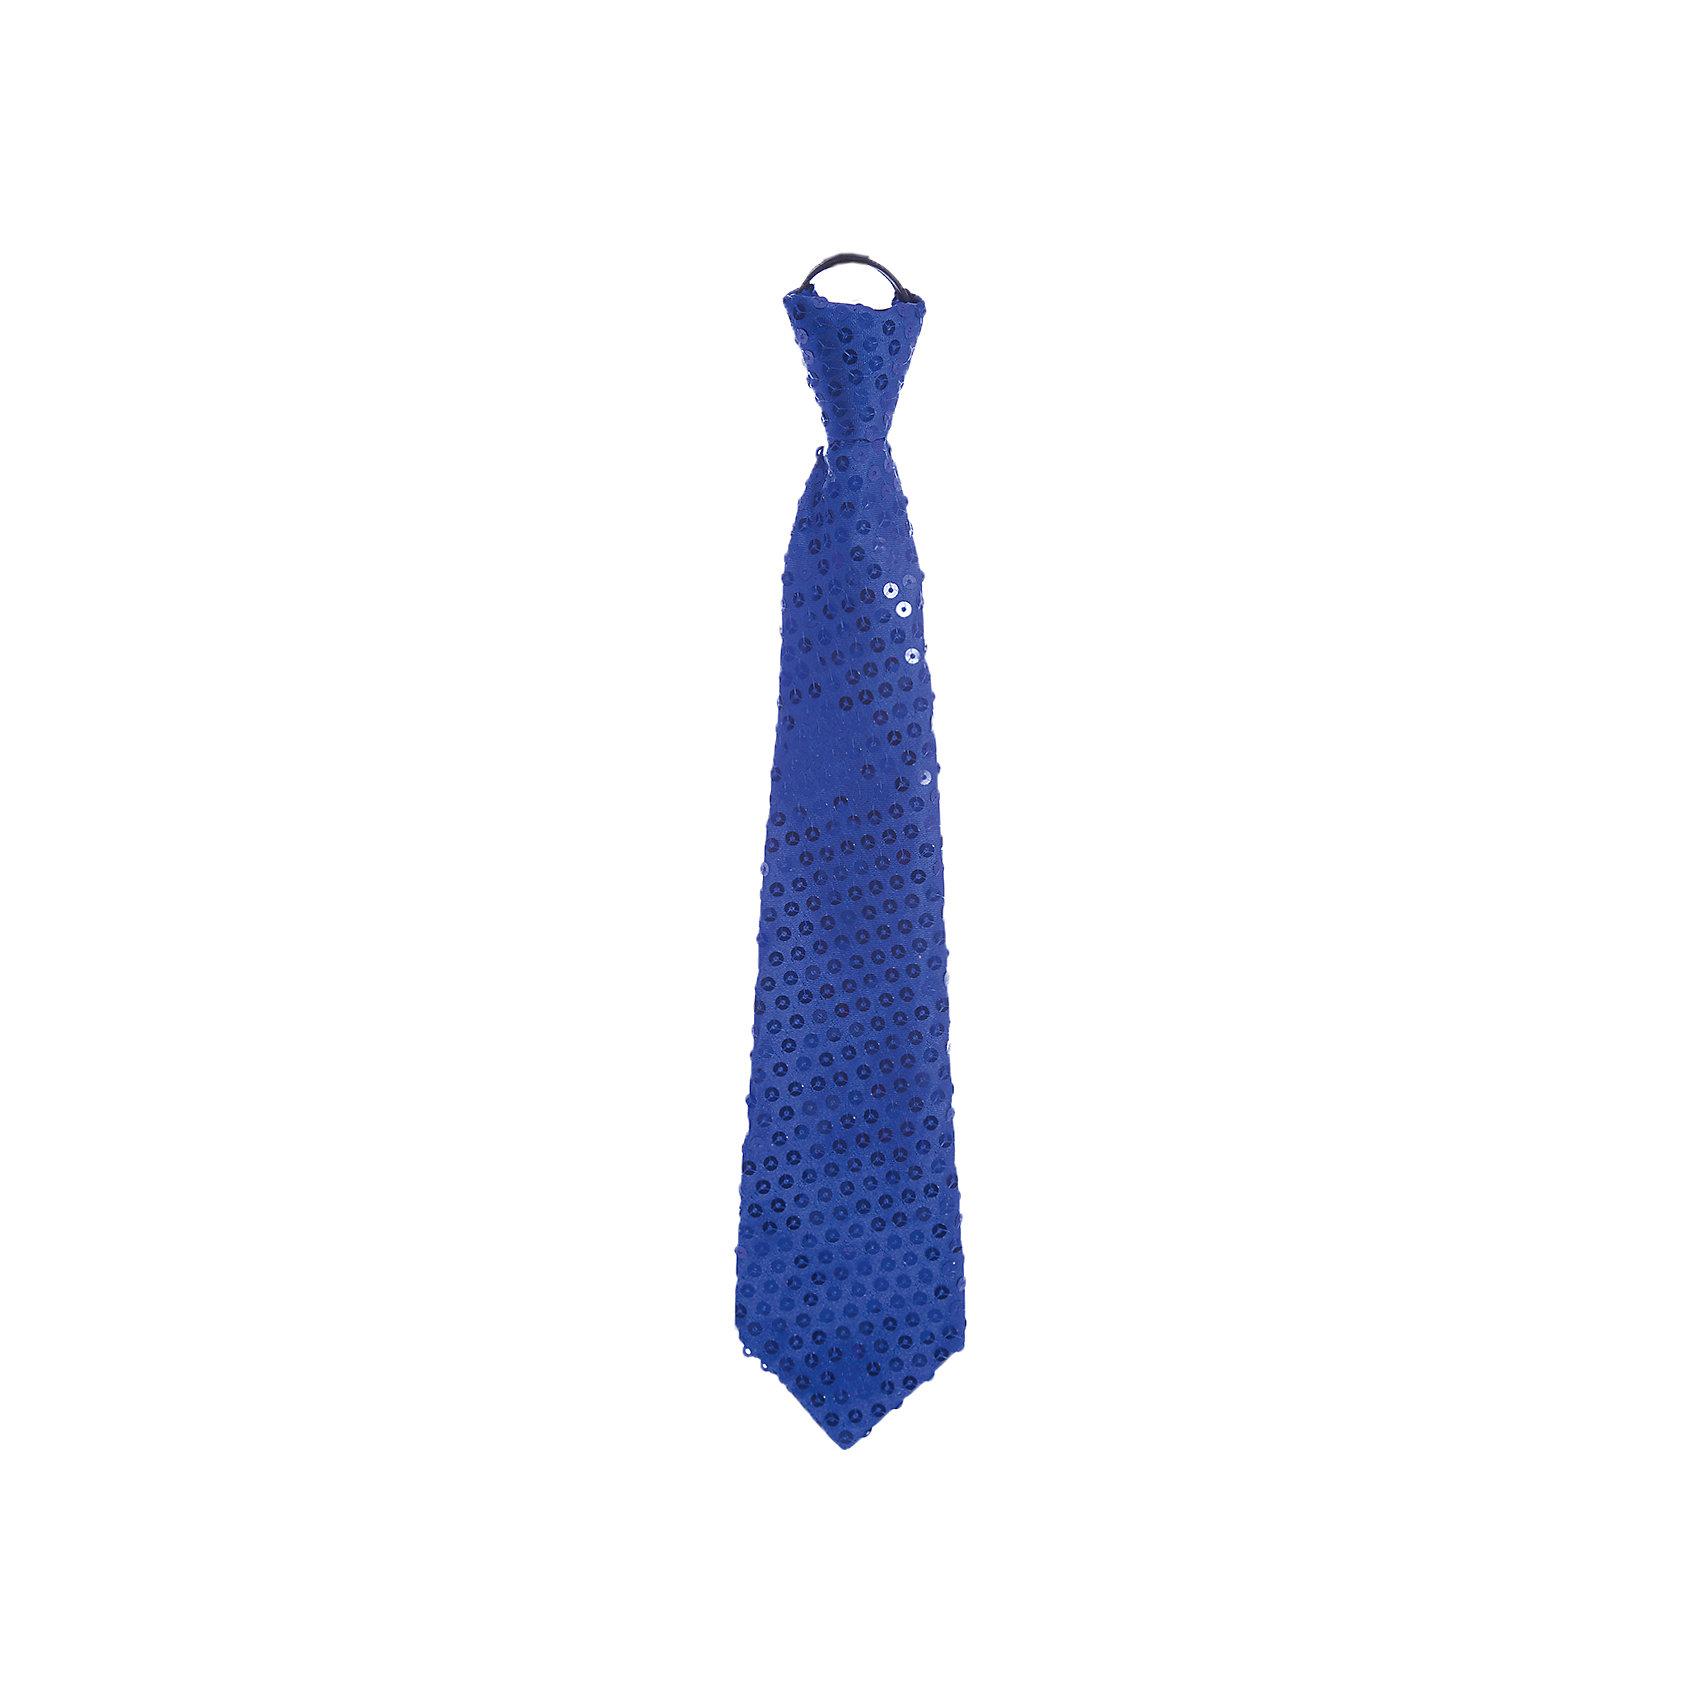 Маскарадный галстук СинийБлестящий аксессуар - прекрасный вариант для новогодней вечеринки! Яркий маскарадный галстук оживит любой образ или же сможет стать памятным презентом. <br><br>Дополнительная информация:<br><br>- Материал: полиэстер.  <br>- Длина: 35 см.<br>- На резинке. <br><br>Маскарадный галстук Синий можно купить в нашем магазине.<br><br>Ширина мм: 270<br>Глубина мм: 130<br>Высота мм: 10<br>Вес г: 23<br>Возраст от месяцев: 36<br>Возраст до месяцев: 2147483647<br>Пол: Мужской<br>Возраст: Детский<br>SKU: 4981303